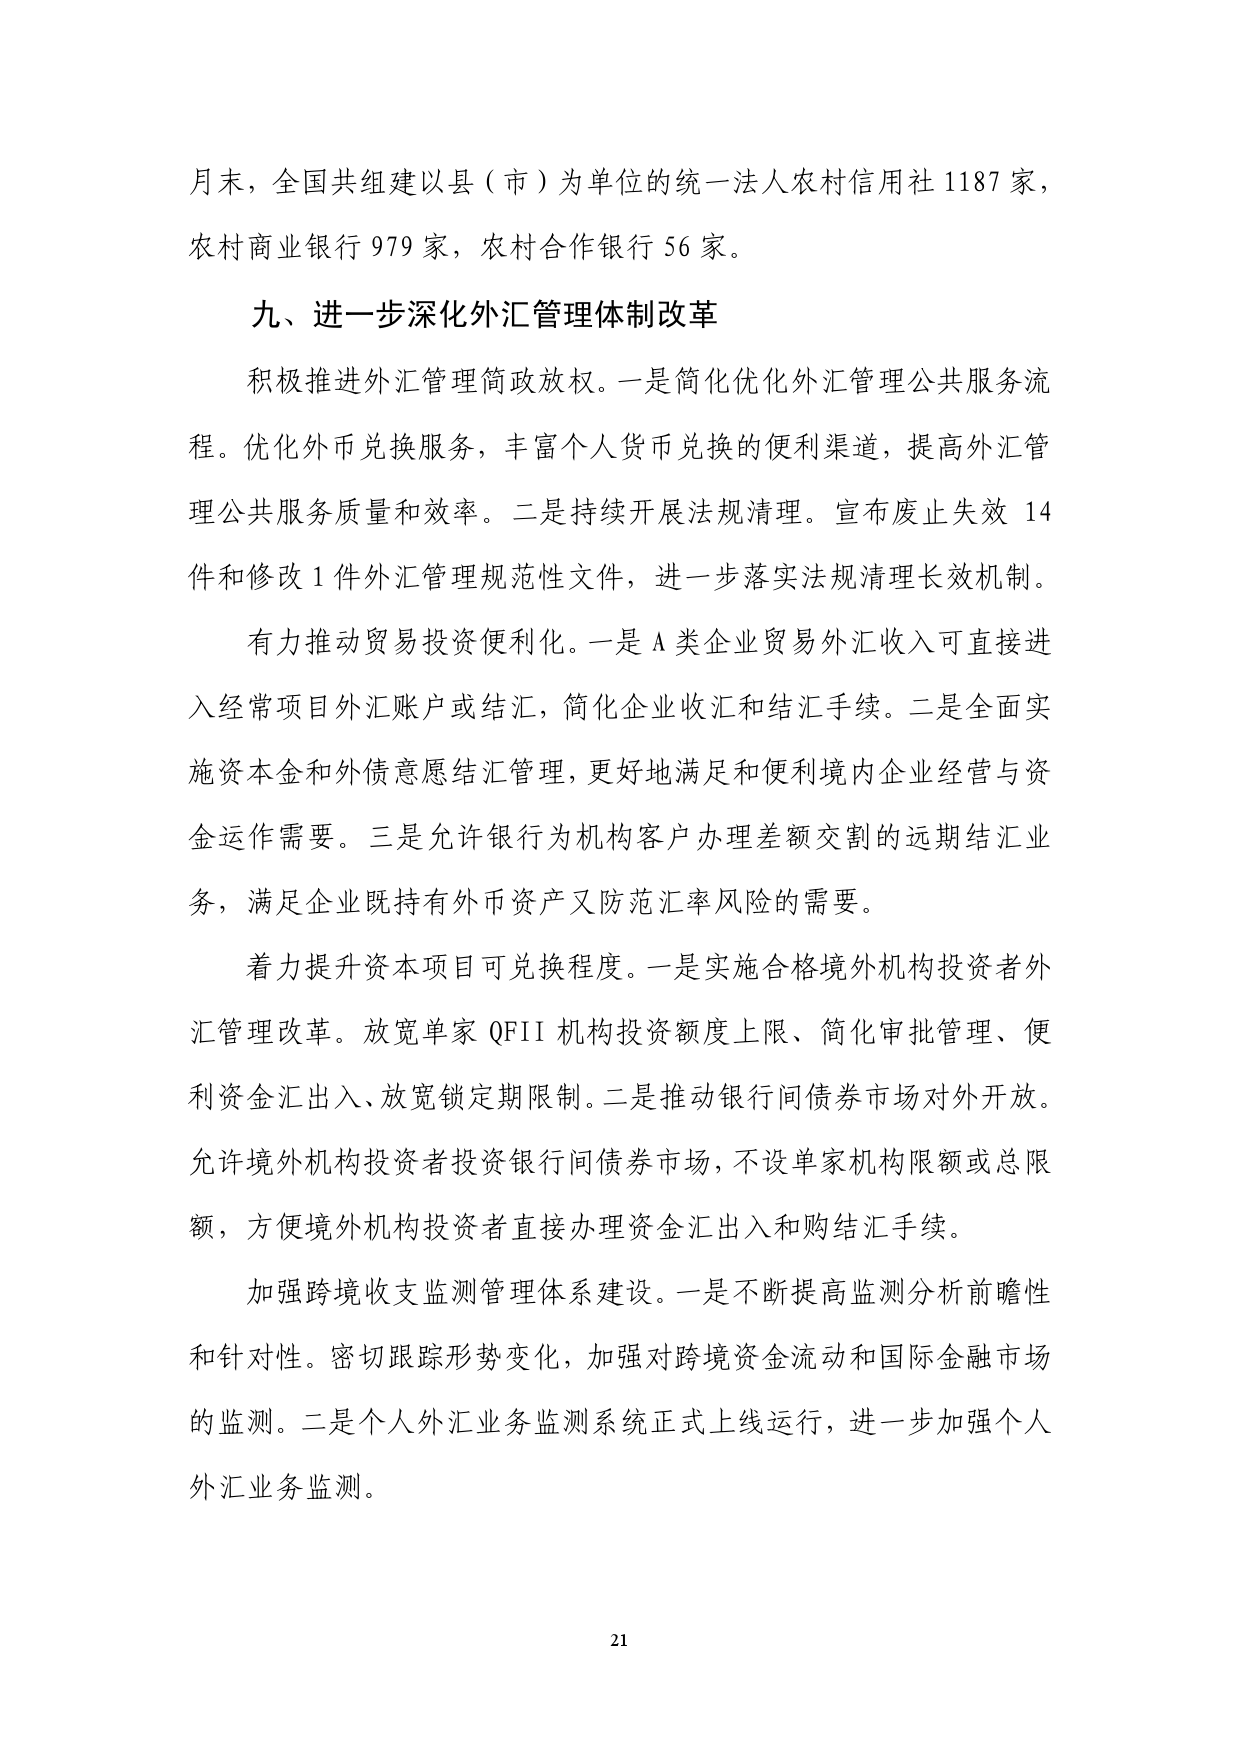 2016年Q2中国货币政策执行报告_000027